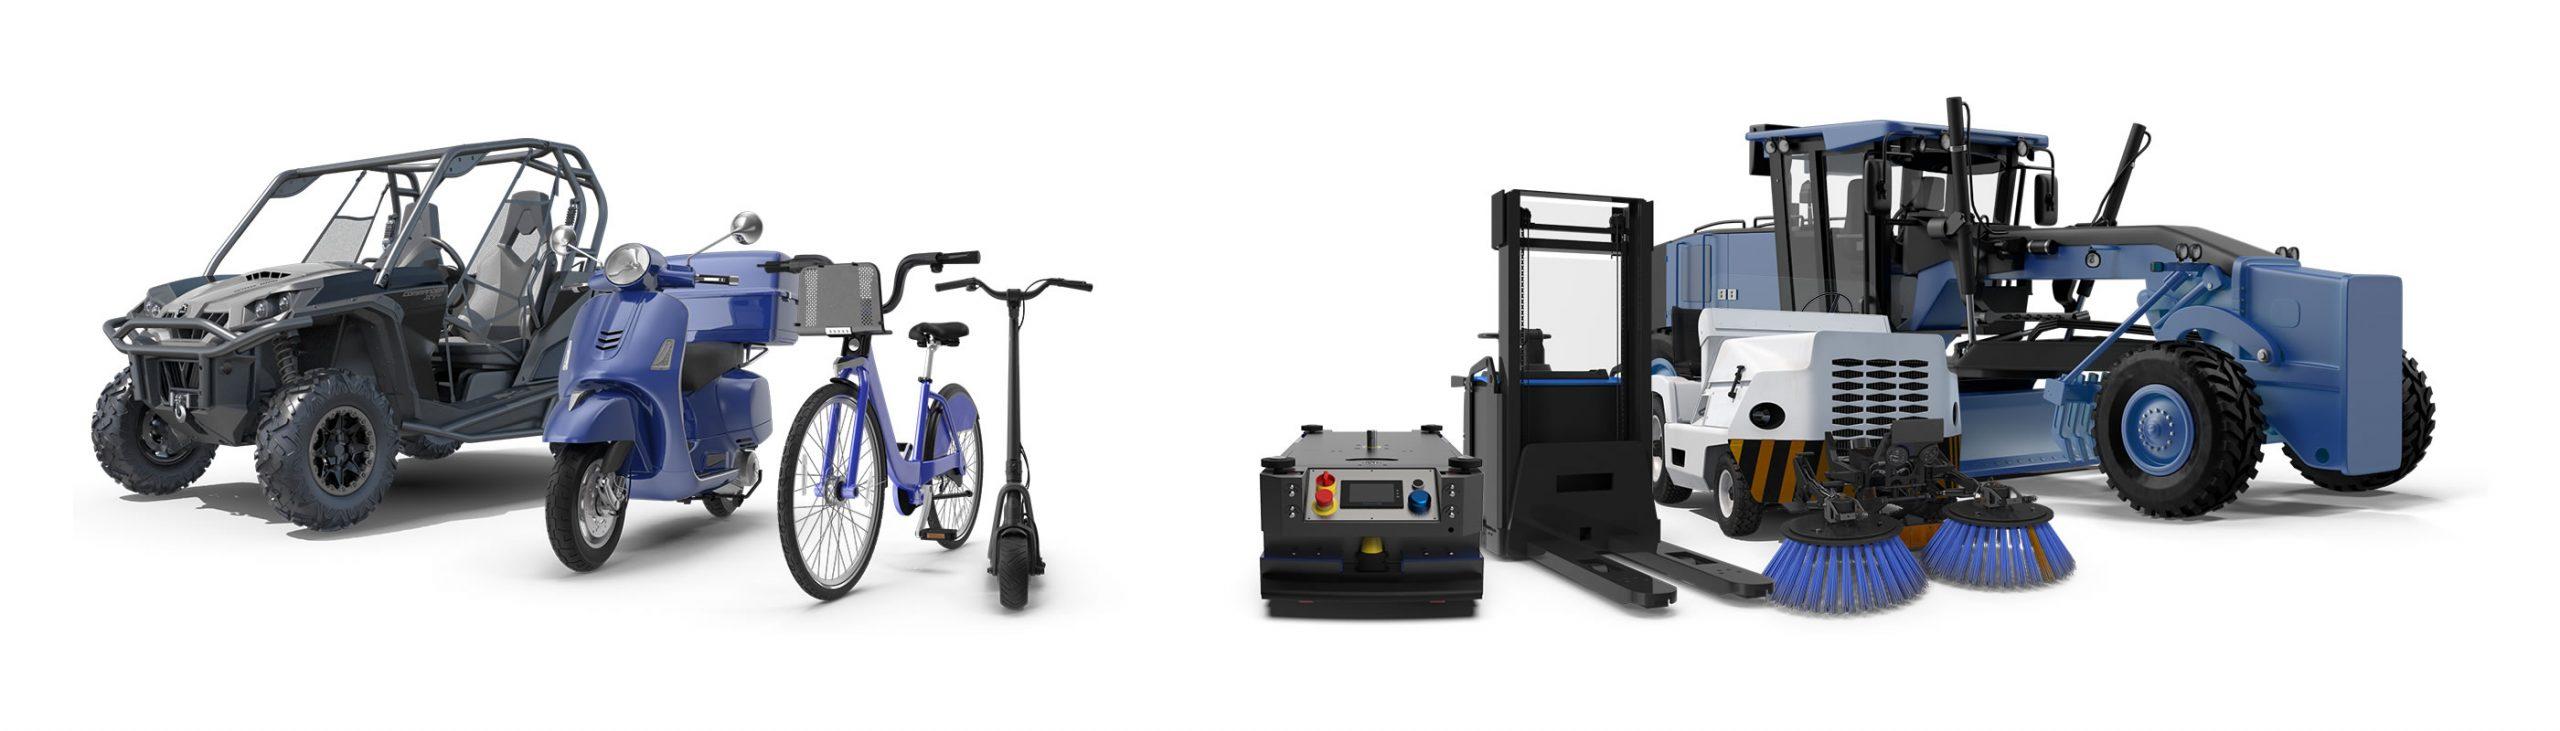 Fábrica de baterías de litio para industria y movilidad